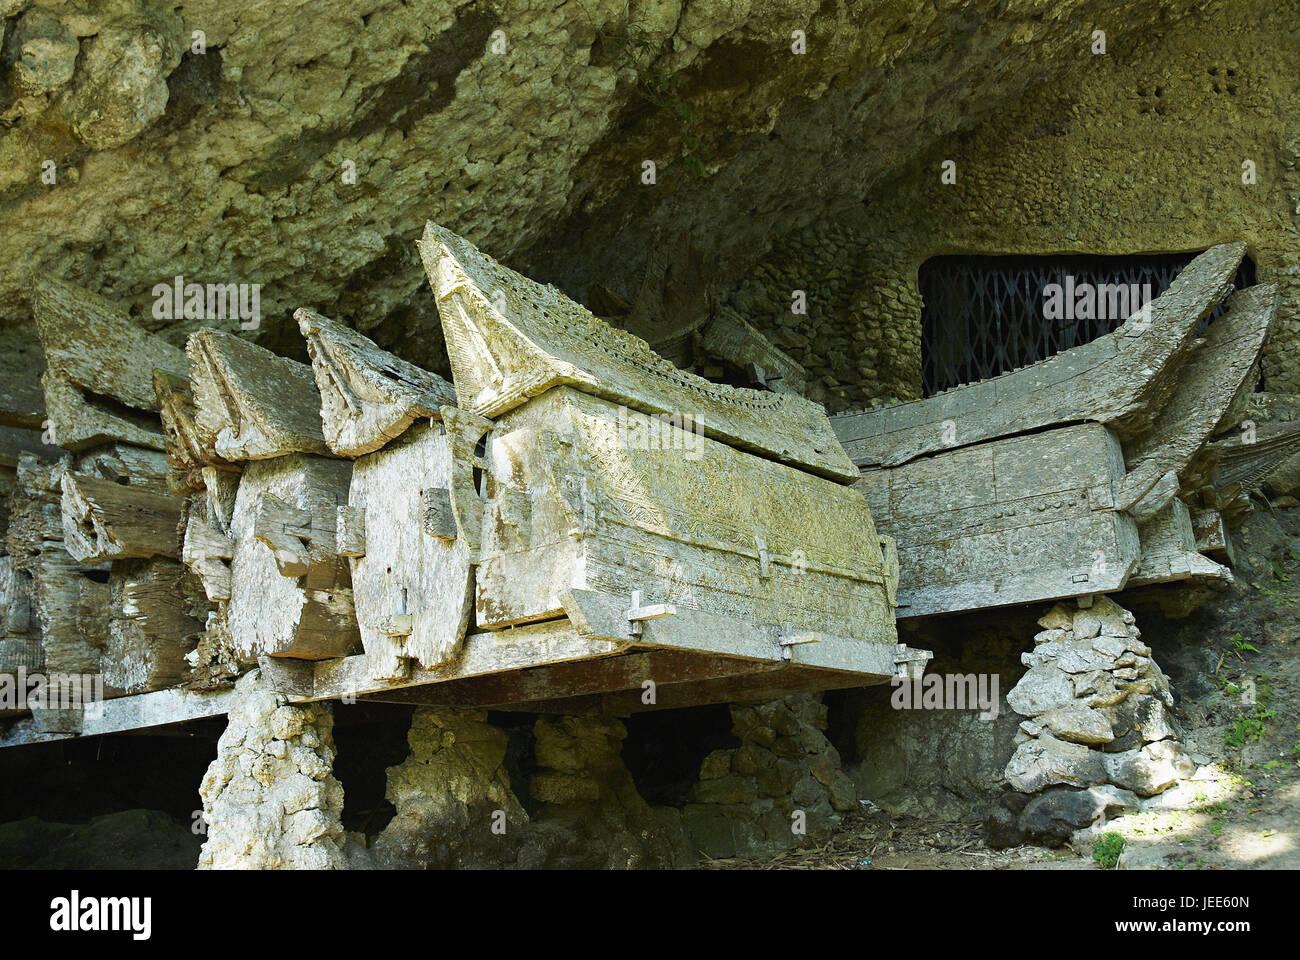 Indonesia, Sulawesi, Lemo, rock tombs, - Stock Image